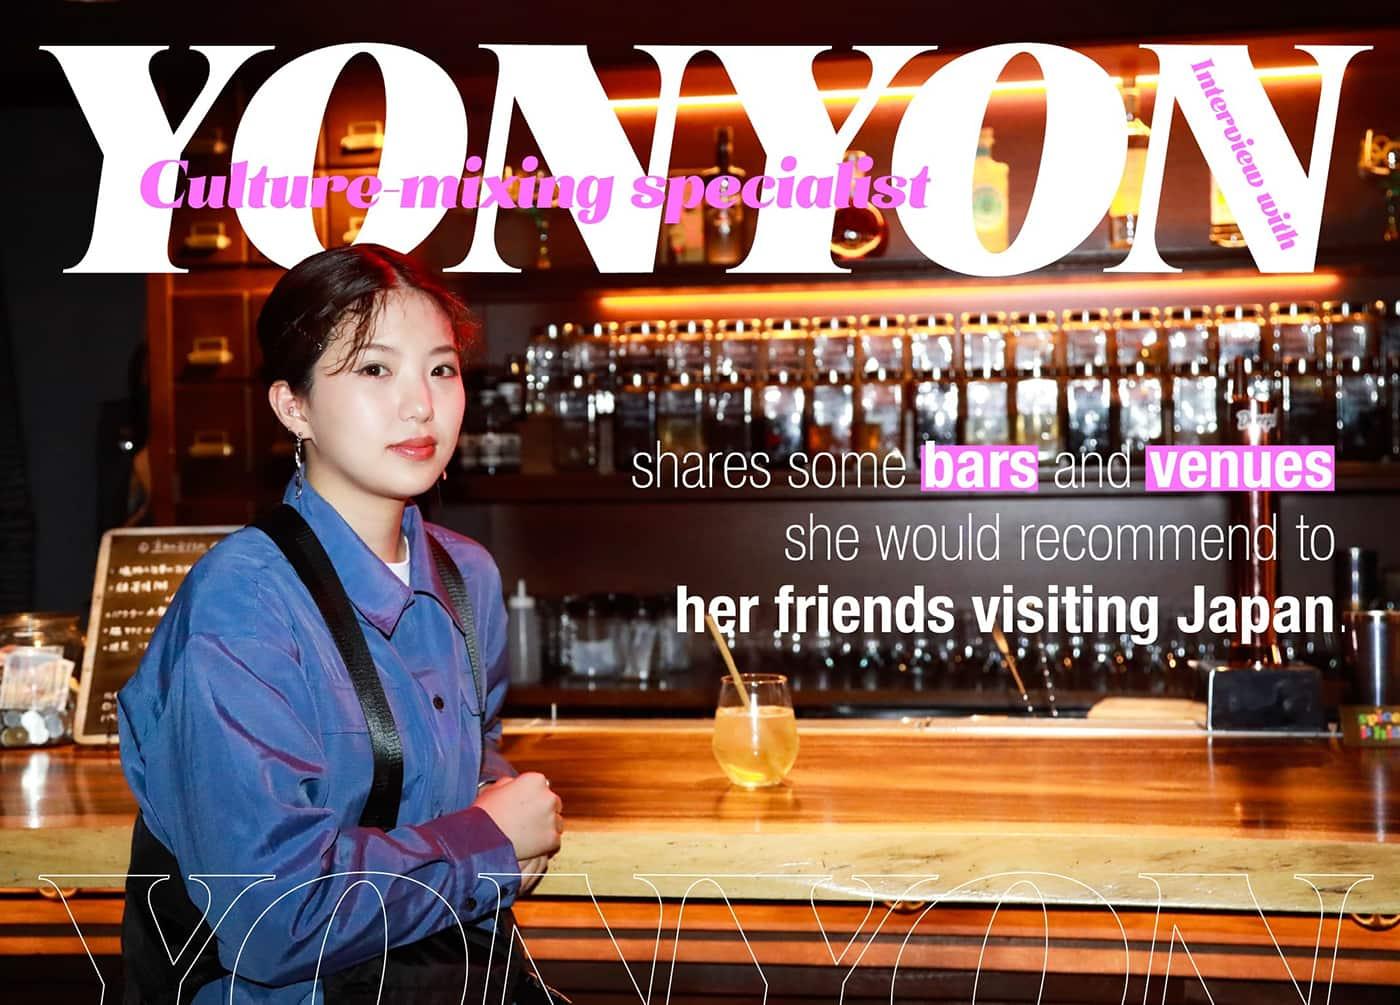 ボーダレスに活躍するDJ、YonYonが薦める外国からきた友達たちに紹介したい店